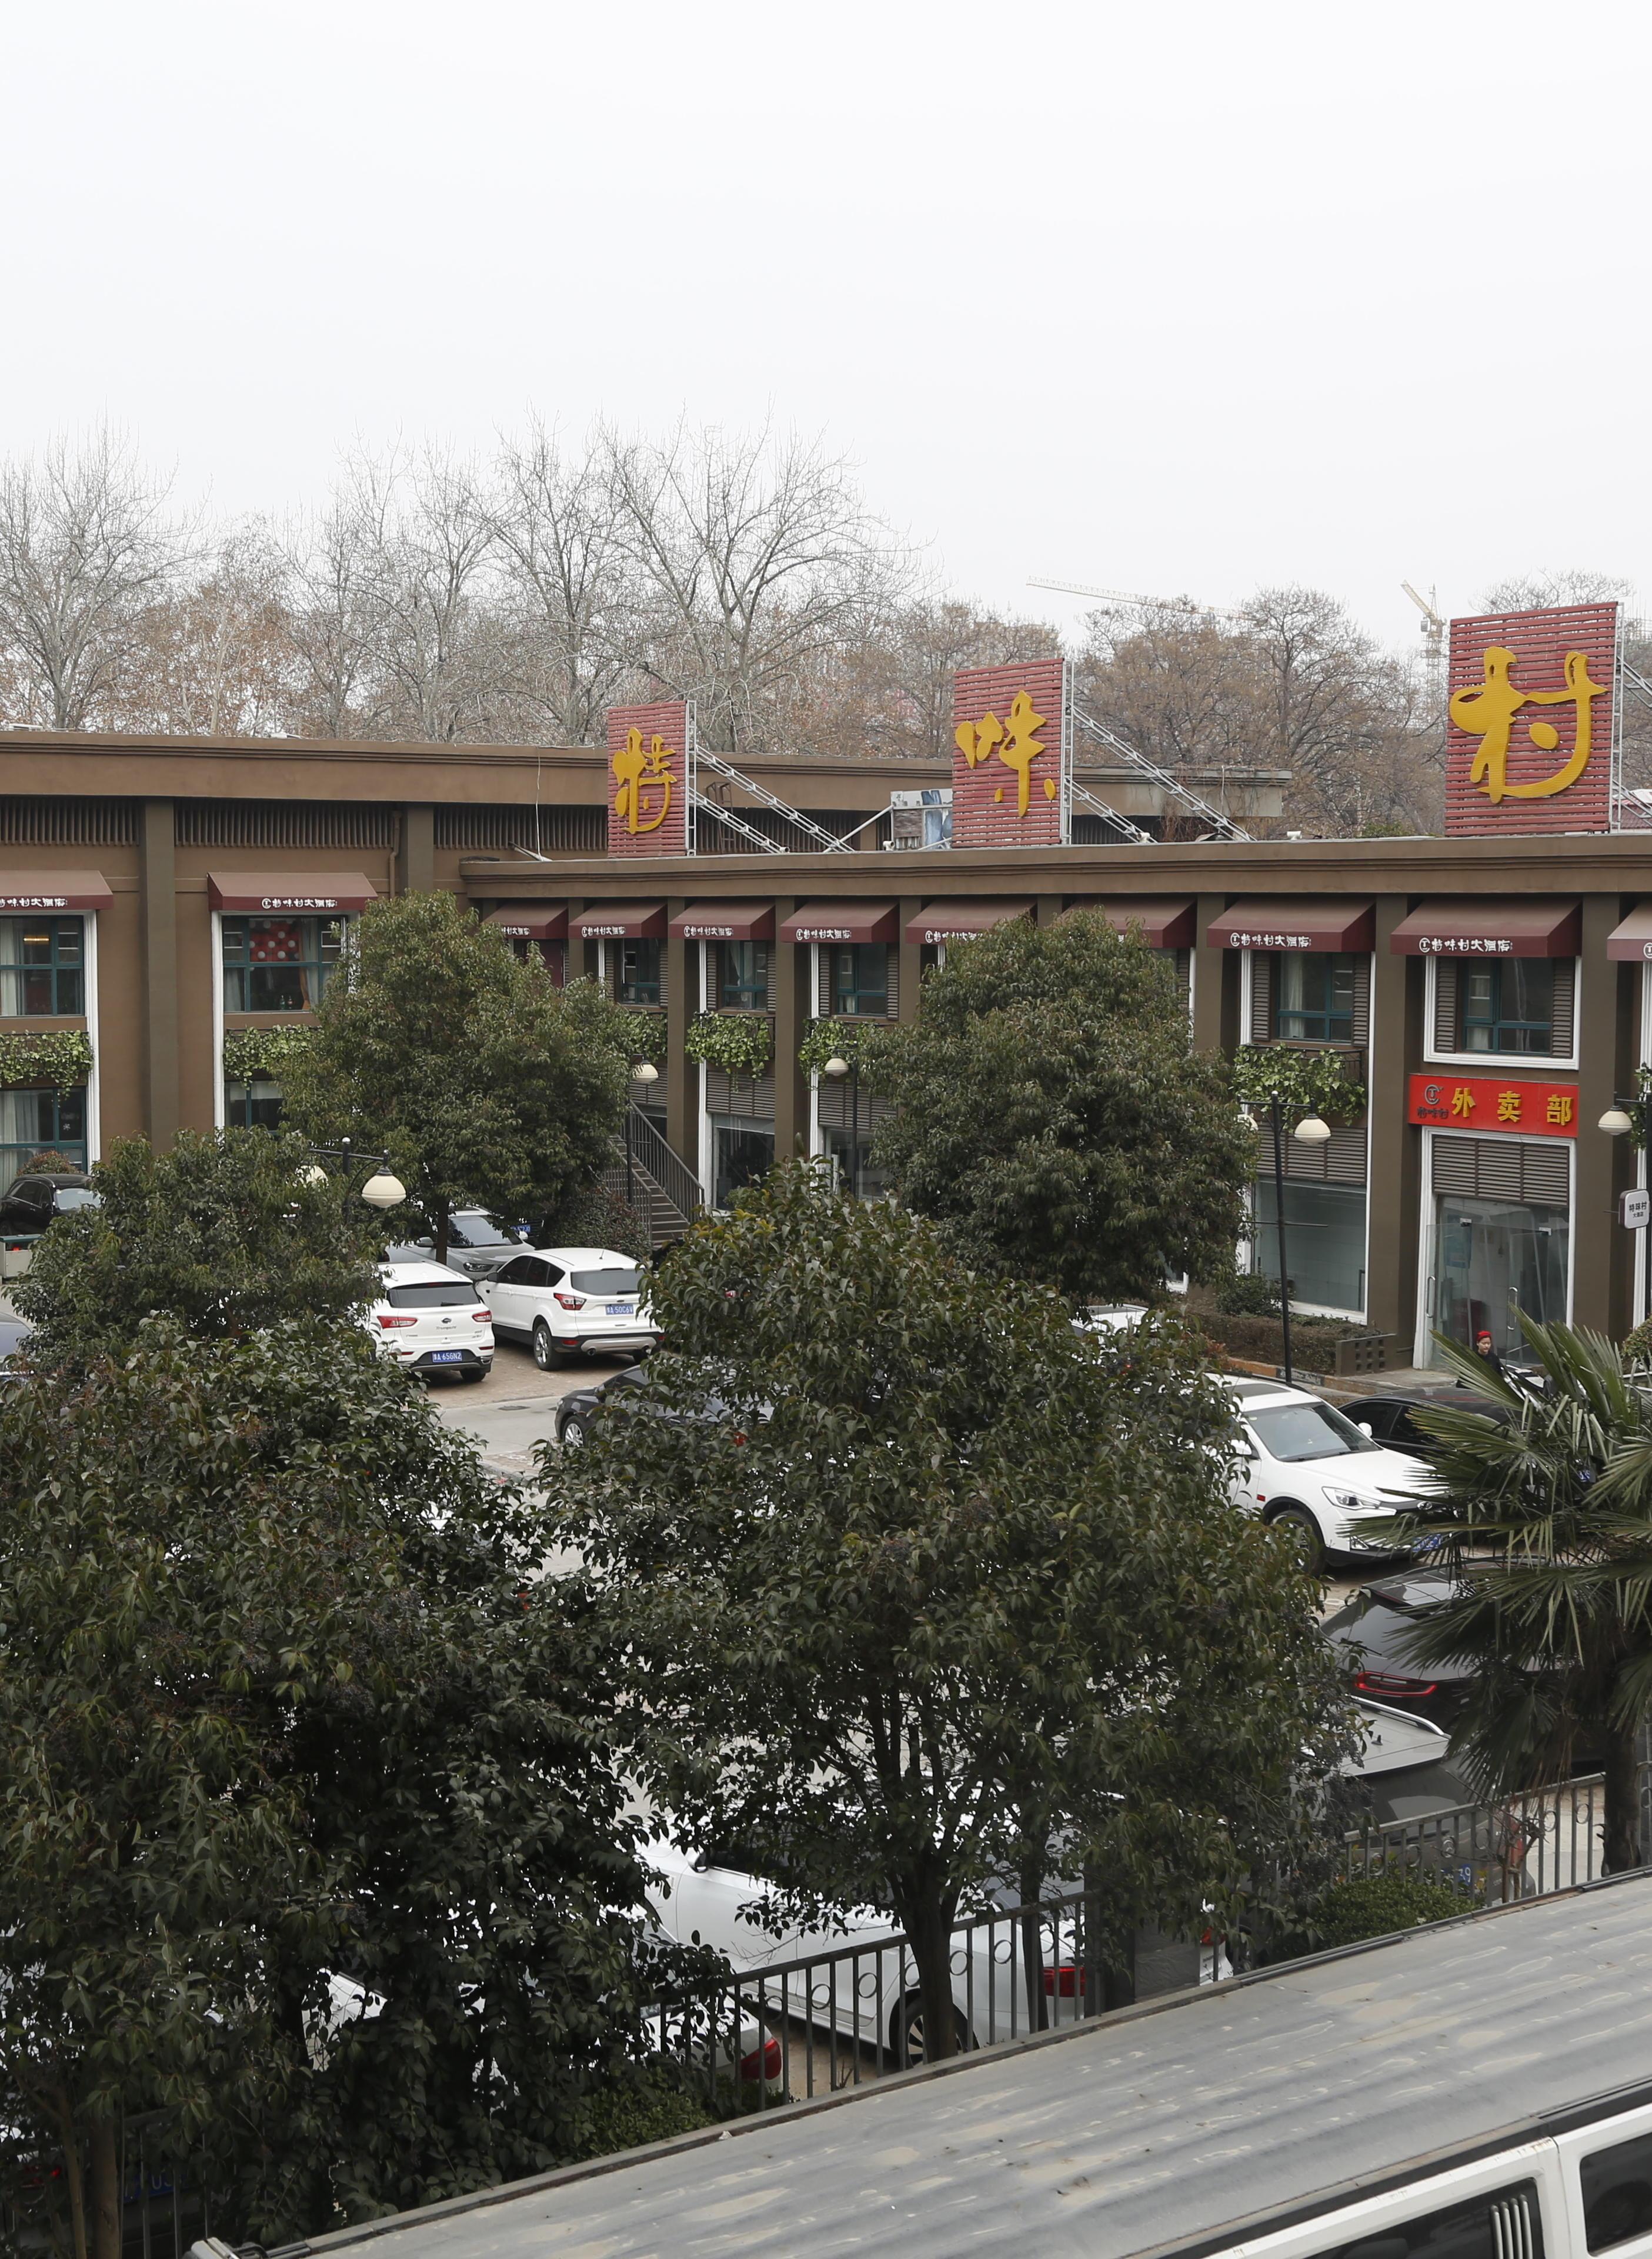 郑州市管城区特味村大酒店